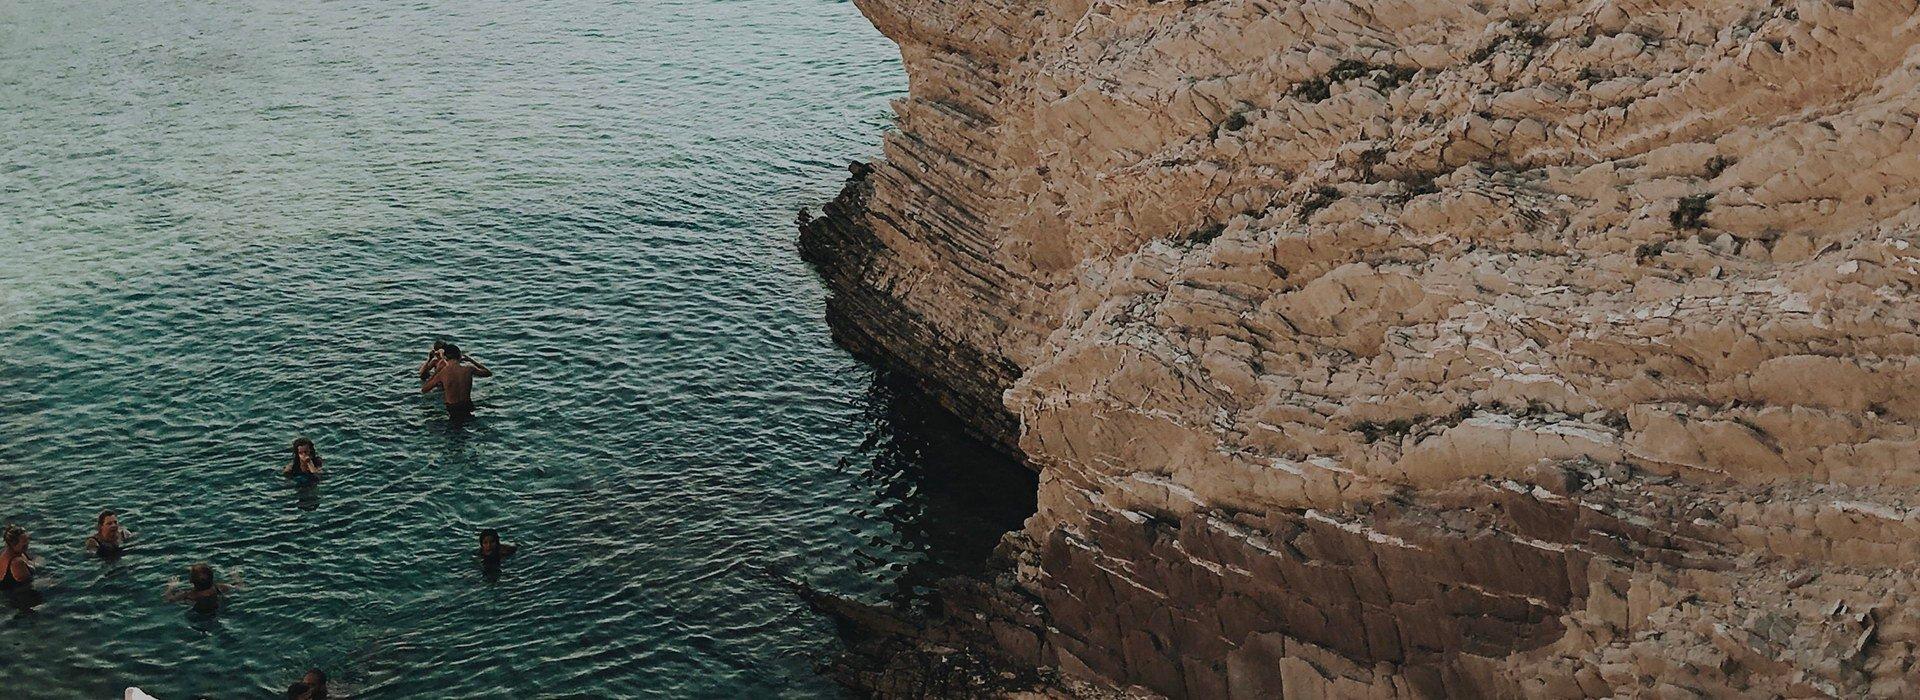 Сицилия. Неизведанное